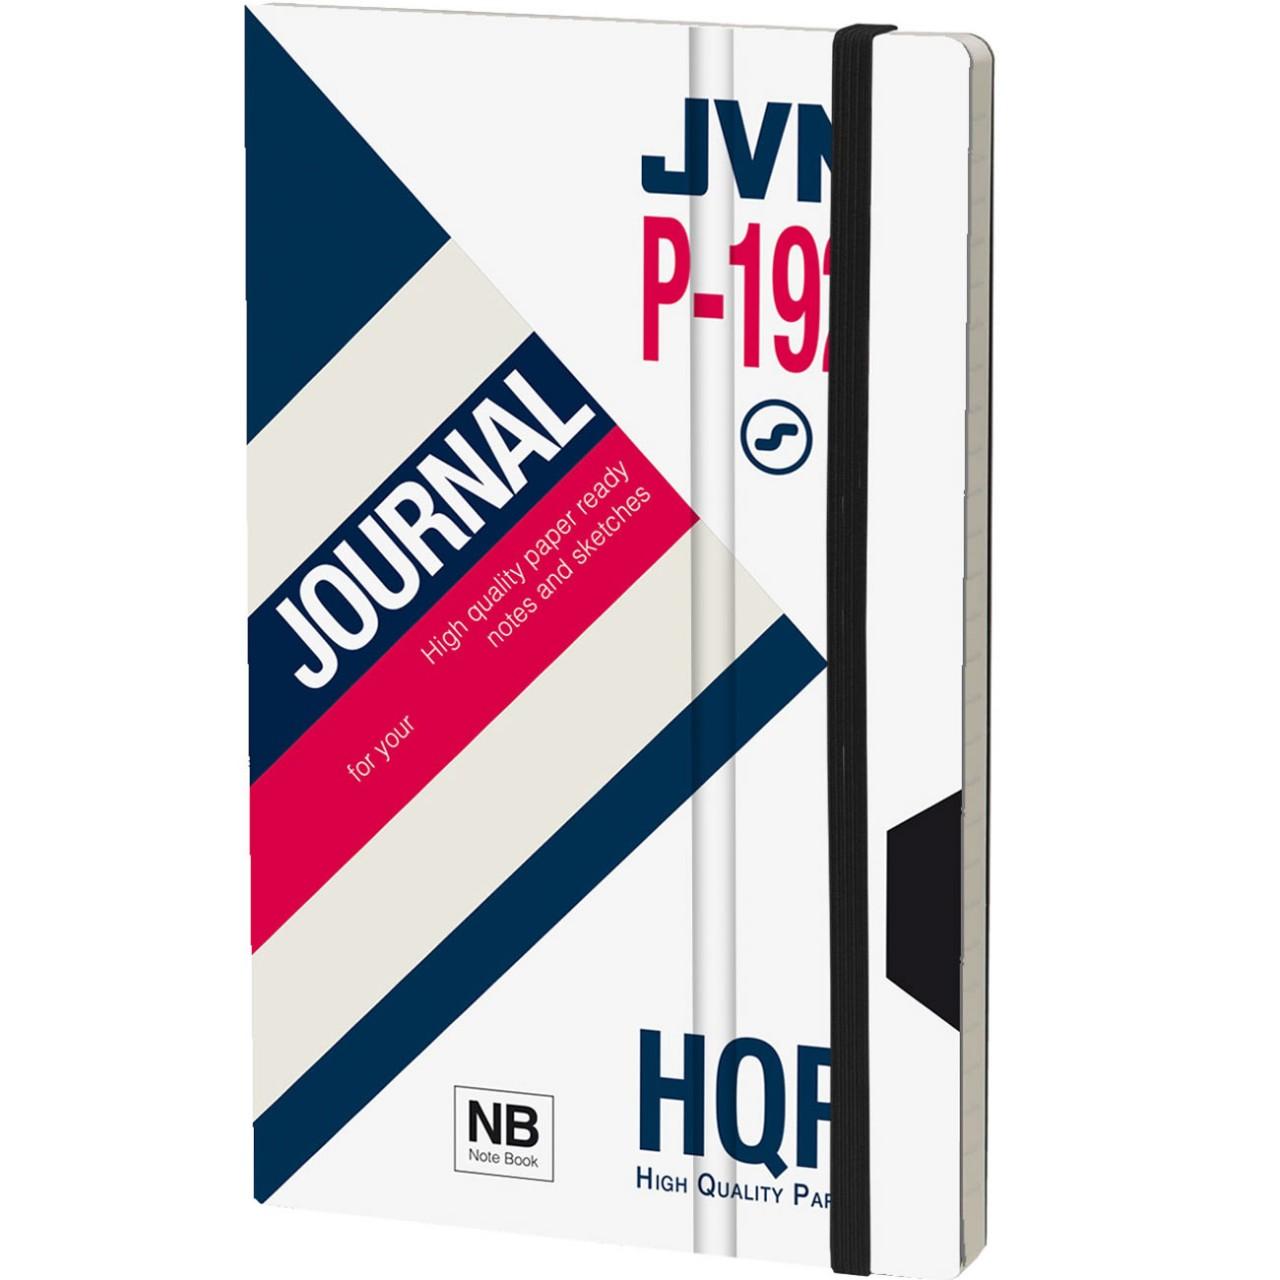 Stifflex Notizbuch VHS 13 x 21 cm 192 S., JVN